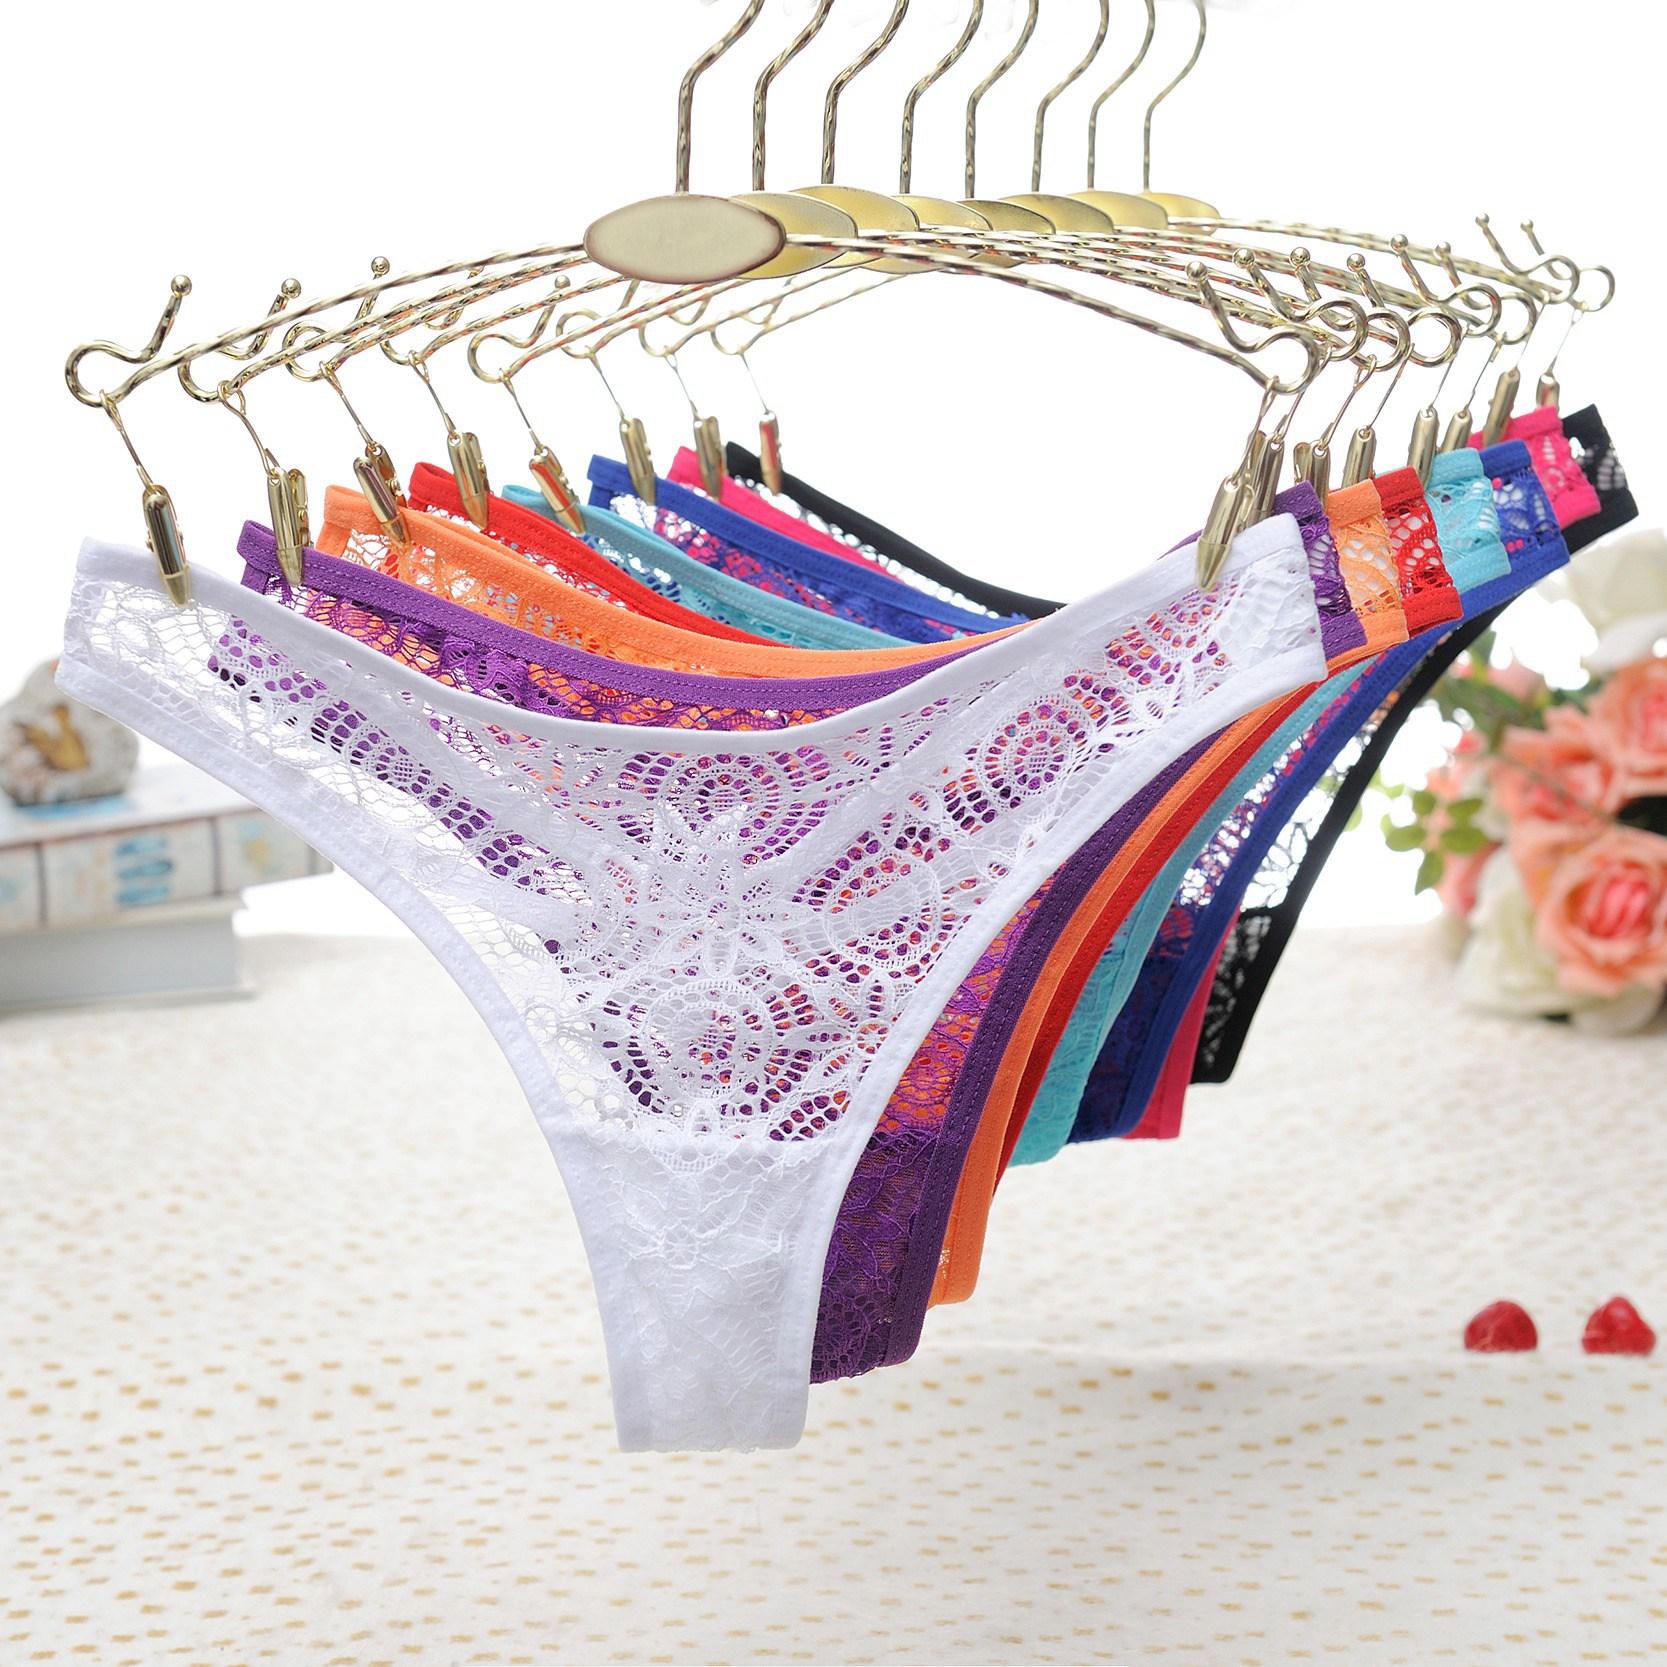 Sexy Bandage G String Femmes Culottes Broderie Lingerie Lingerie Sous  Vêtements Fille de Secret Strings Slip Perspective dans Strings et tangas  de ... 8cfa85ddb43